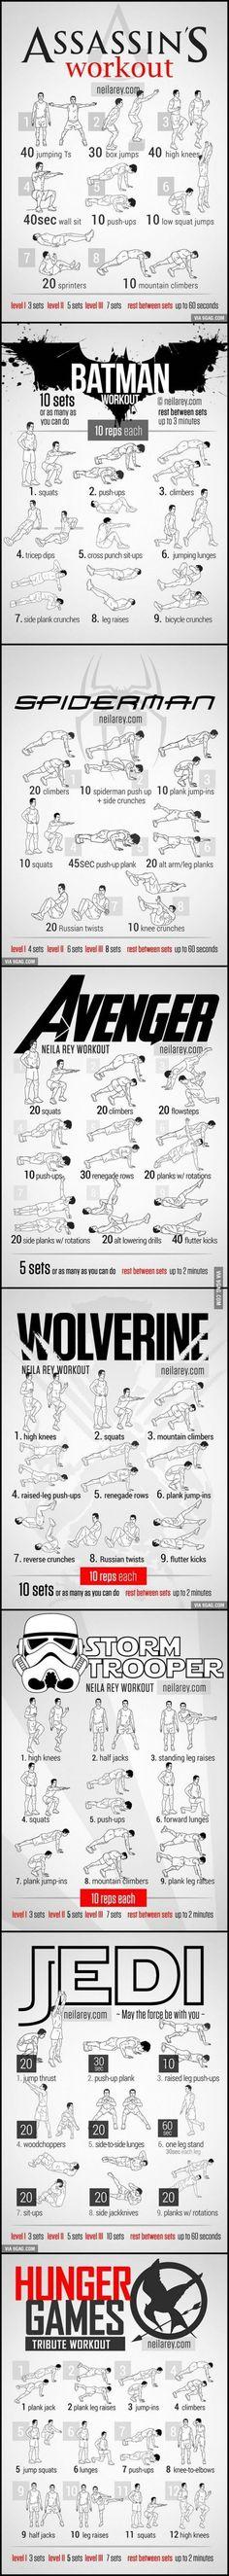 Workout-for-Assassin-Batman-Spiderman-Avenger-Wolv